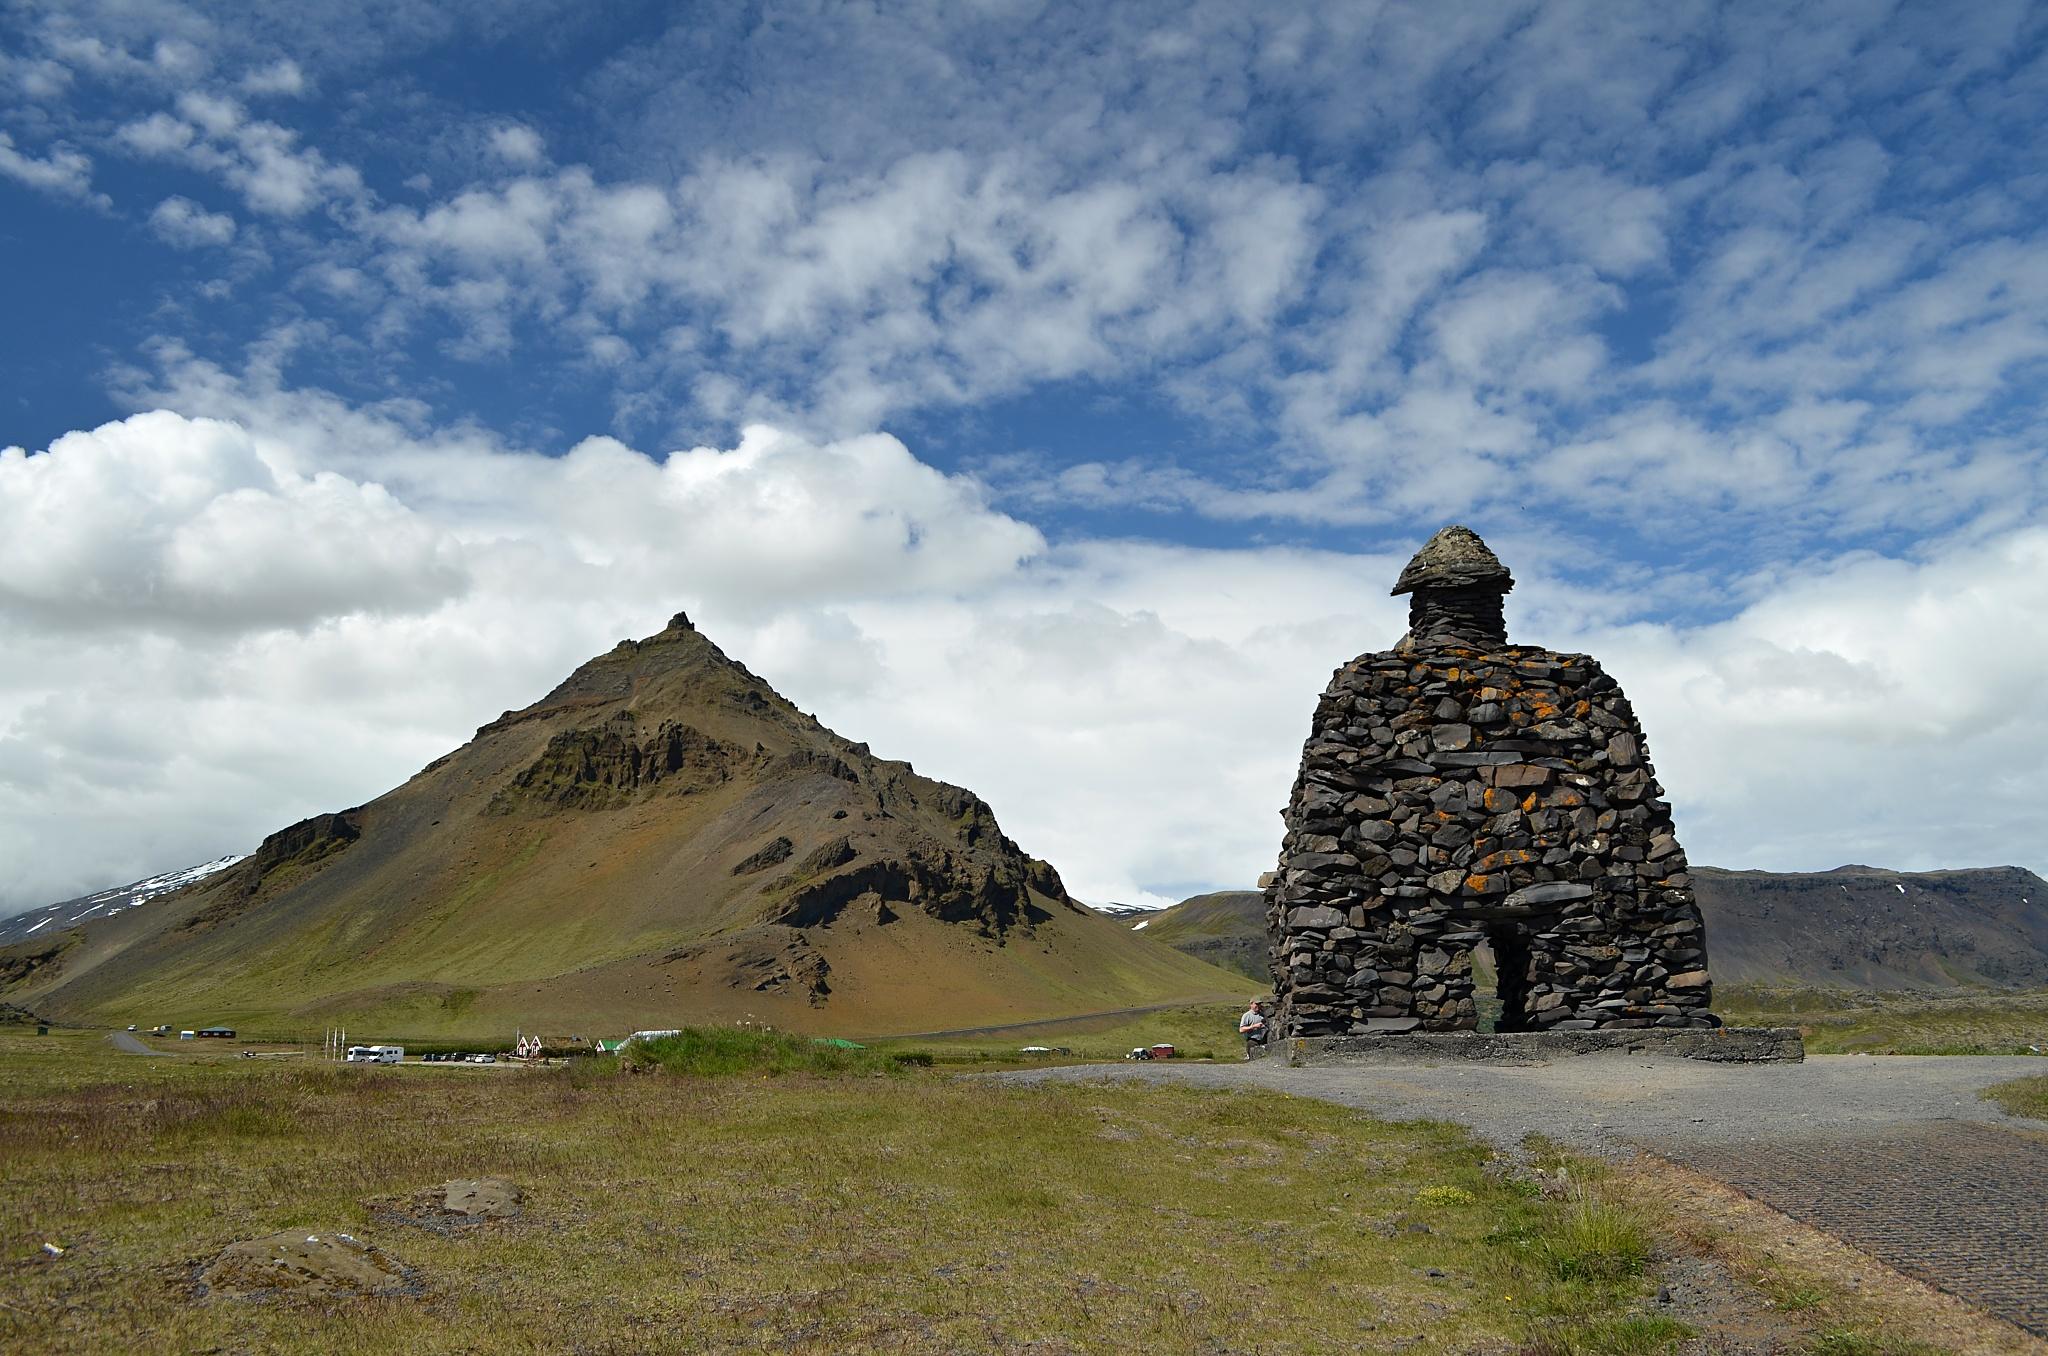 Socha Bárðura Snæfellsáse, potomka člověka a obra, s horou Stapafell v pozadí.